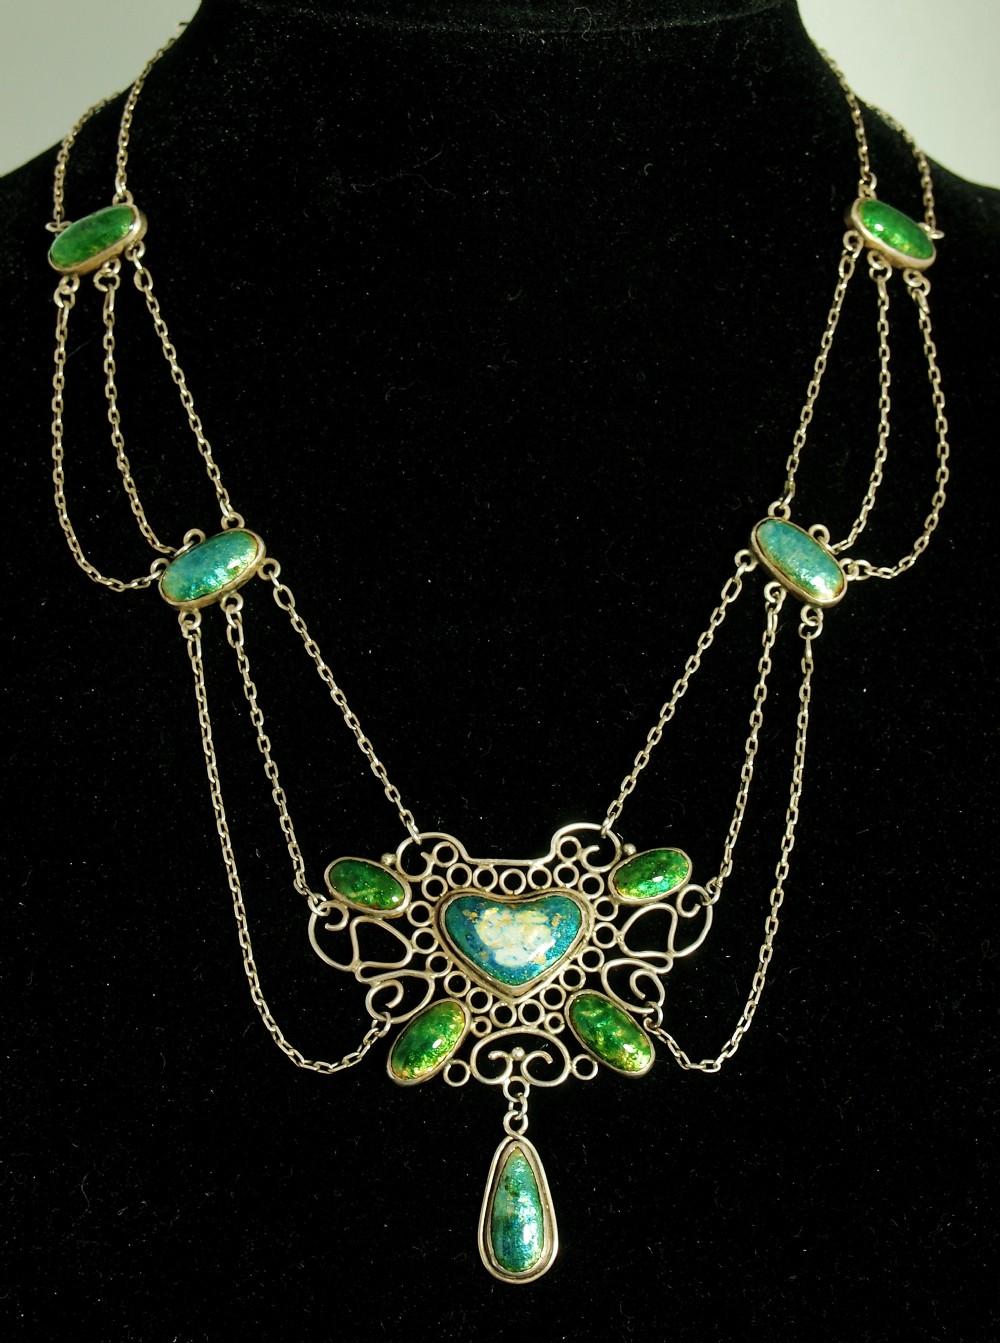 arts crafts birmingham school necklace